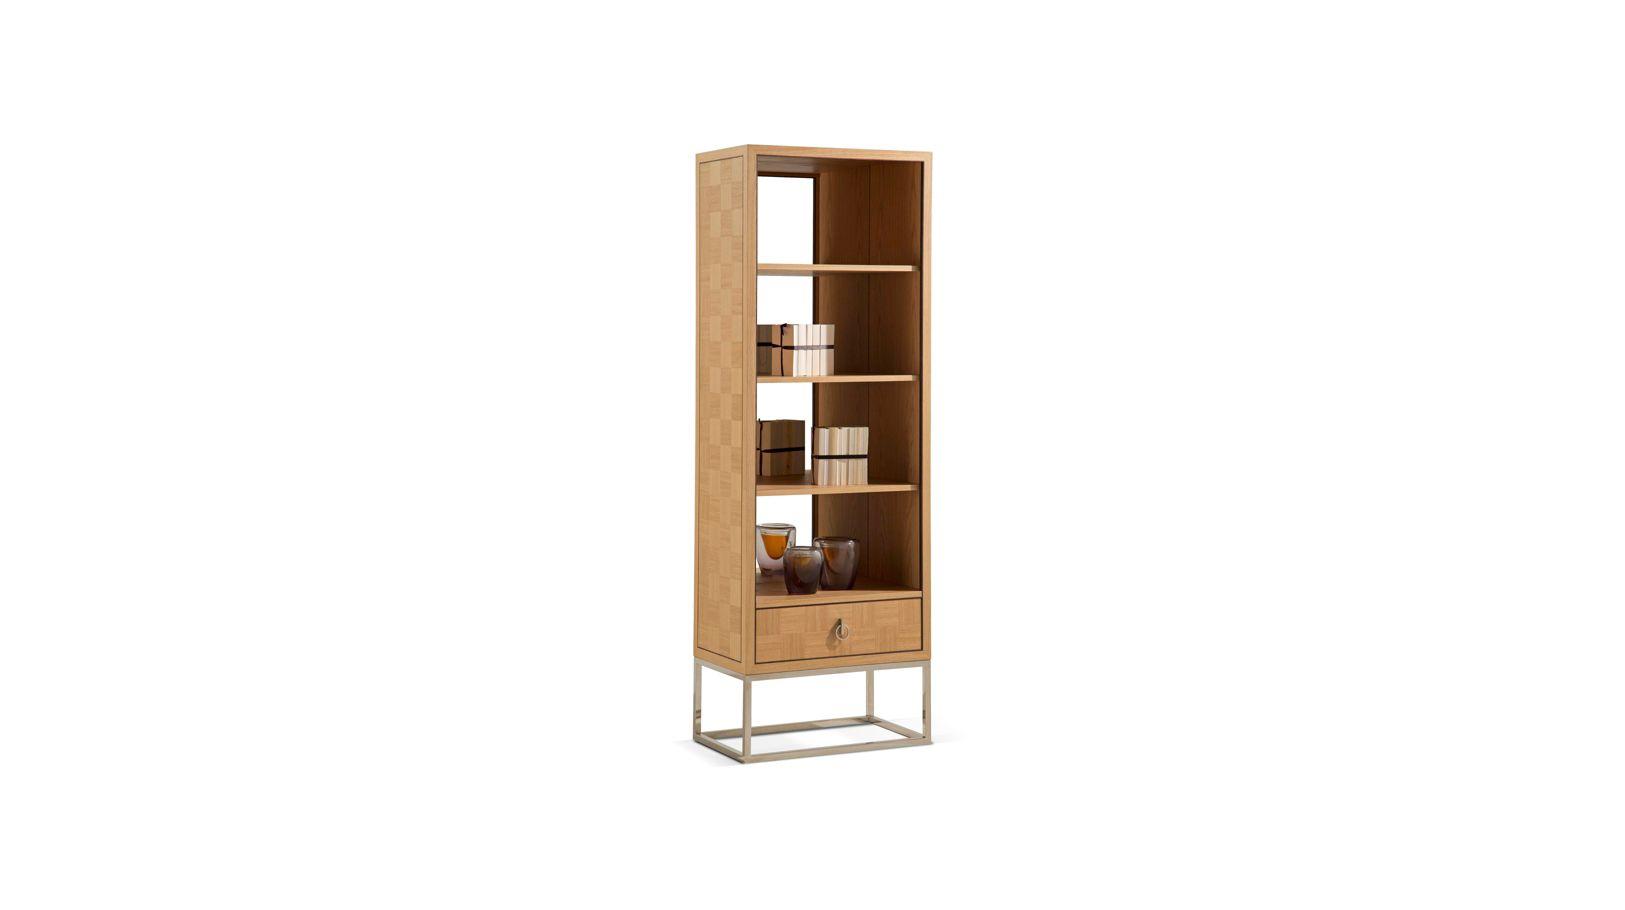 epoq bookcase nouveaux classiques collection roche bobois. Black Bedroom Furniture Sets. Home Design Ideas